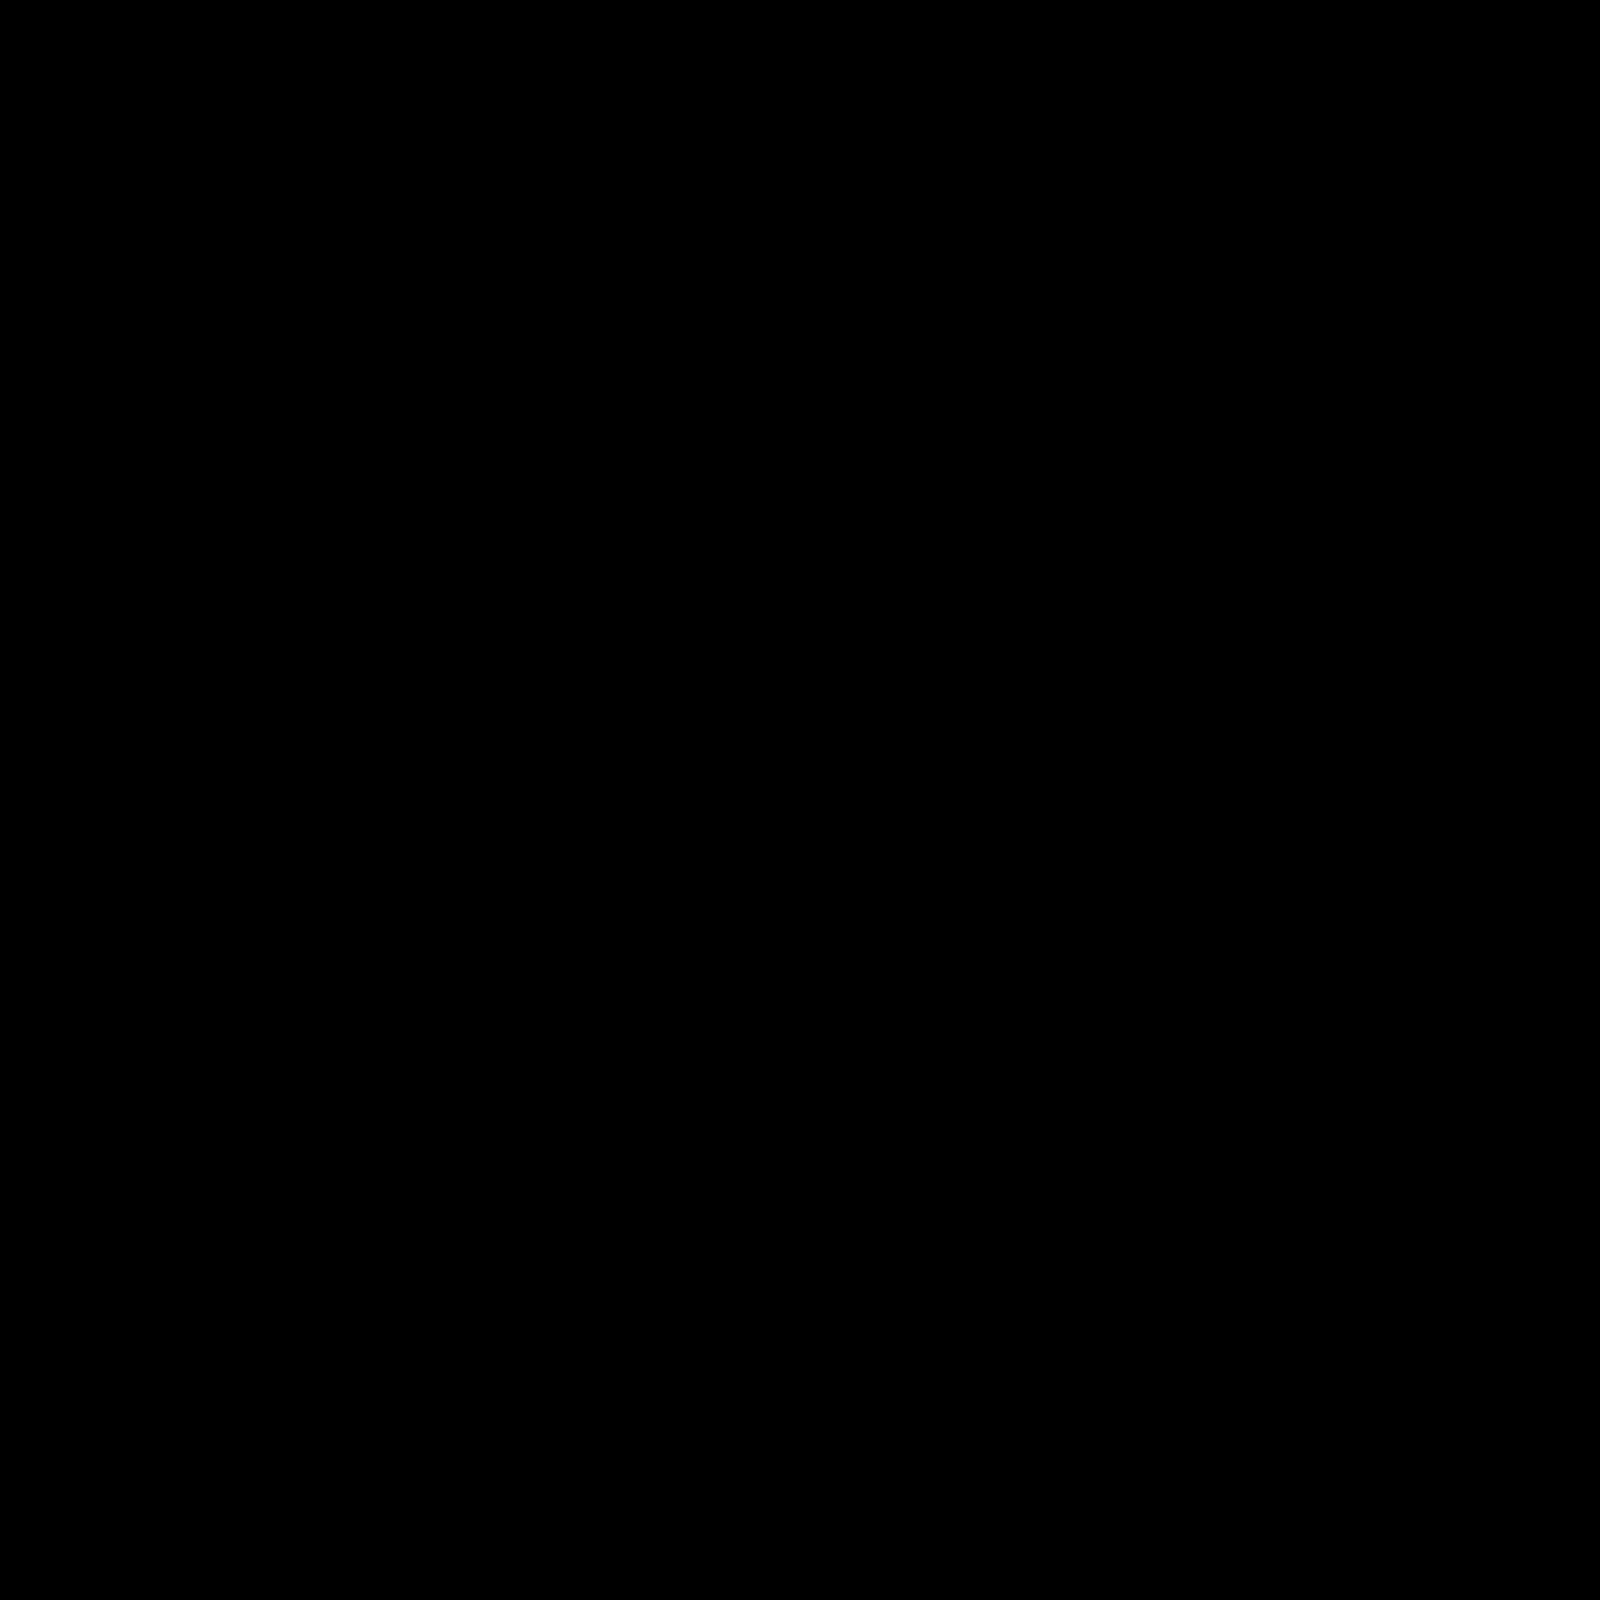 8x8 Vehicle icon